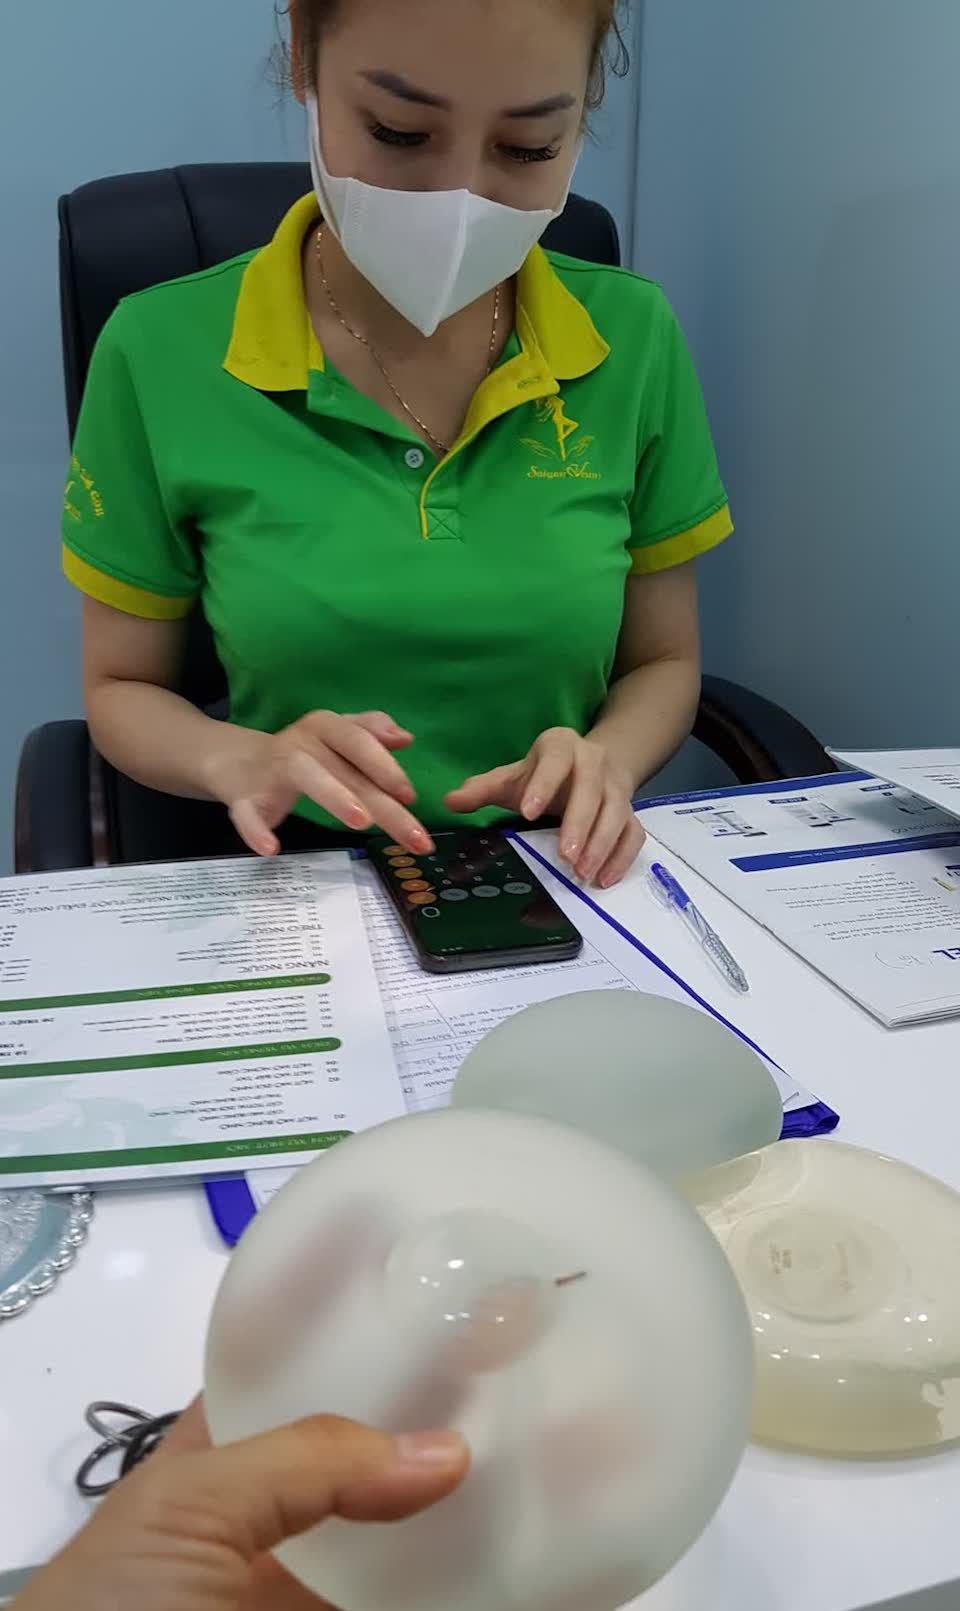 TMV Sài Gòn Venus: Dùng hợp tác chuyên môn làm 'bình phong' cho phẫu thuật thẩm mỹ trái phép?